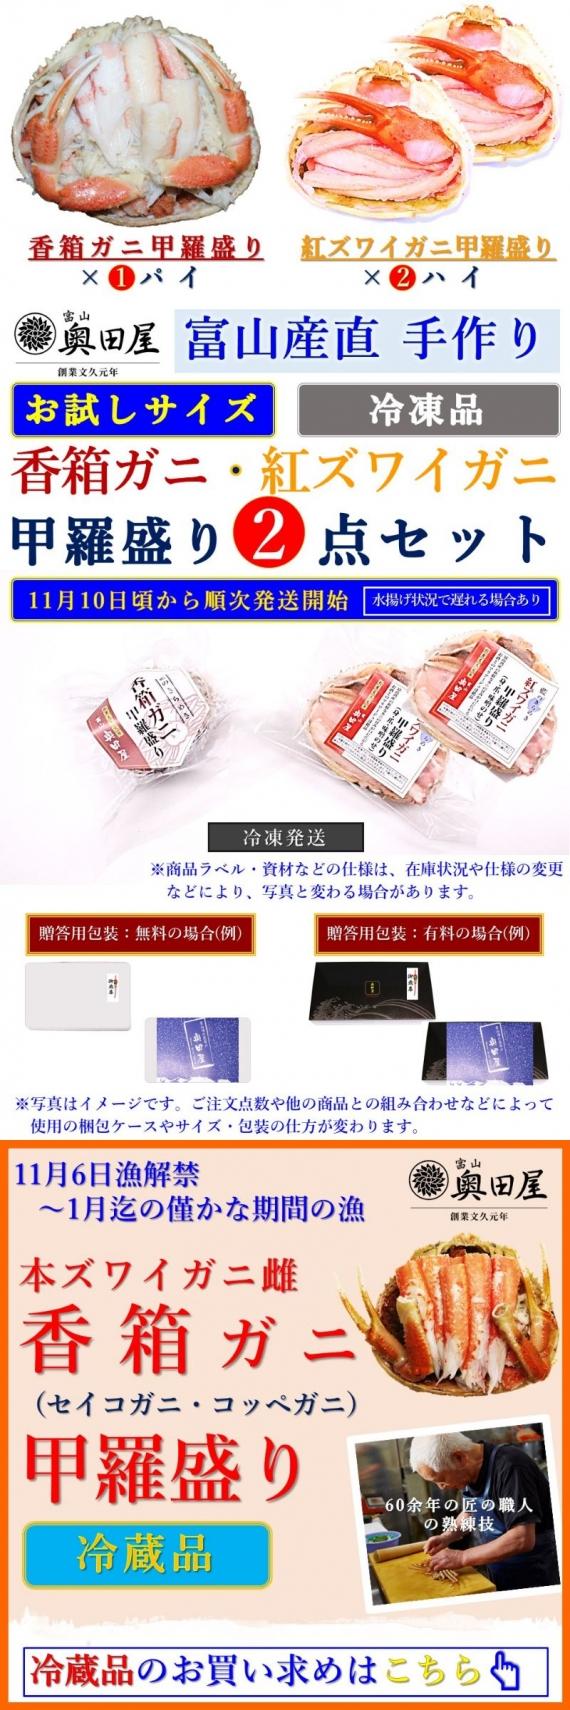 香箱ガニ・紅ズワイガニ甲羅盛り2点セット(お試しサイズ)【冷凍品】